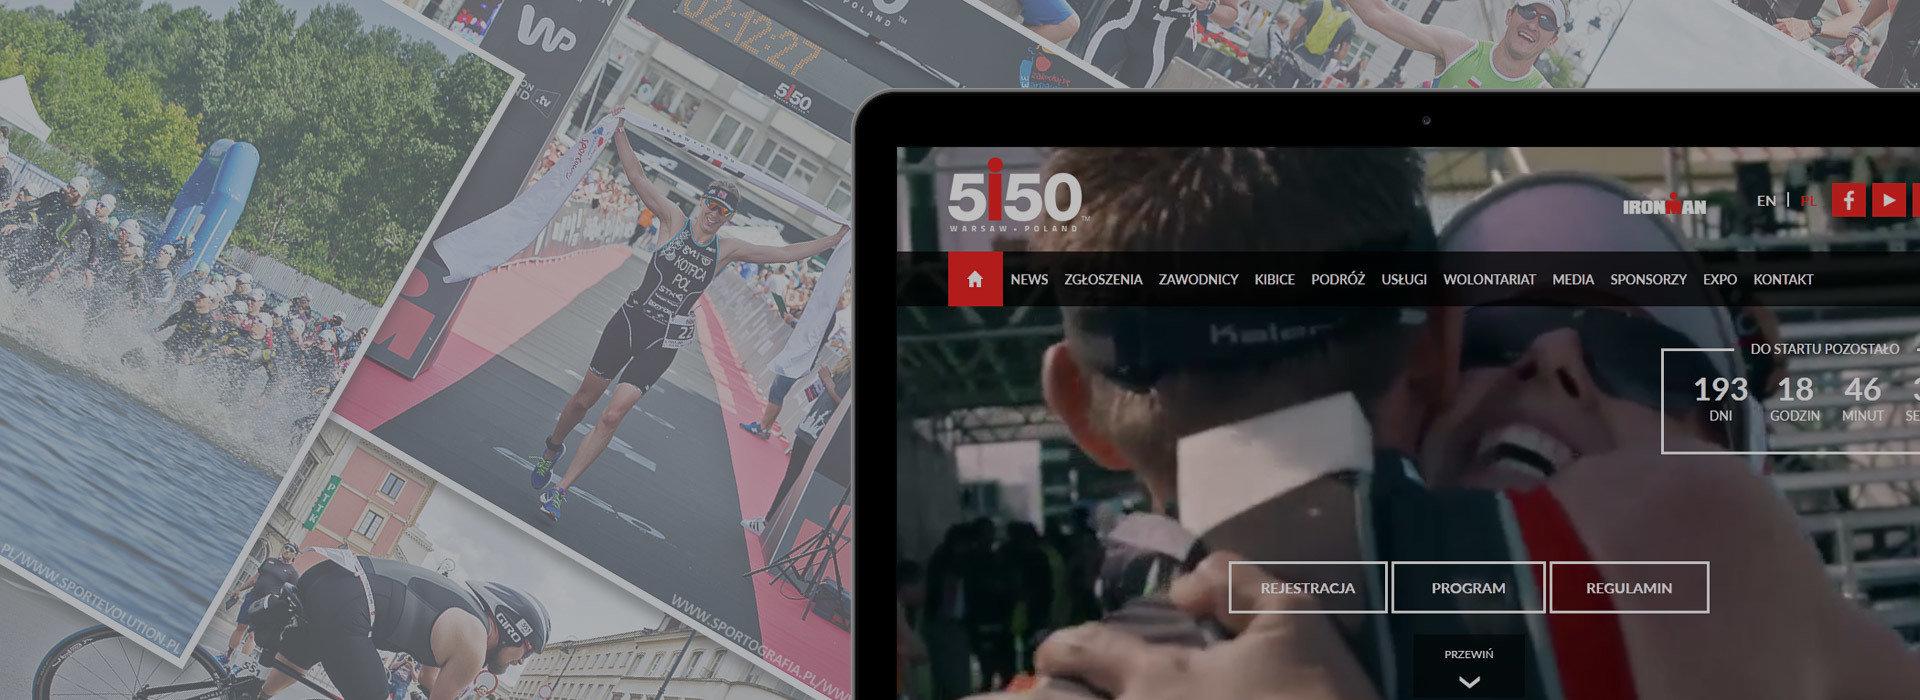 Ruszył serwis internetowy warszawskiej imprezy triathlonowej 5150 Warsaw Triathlon